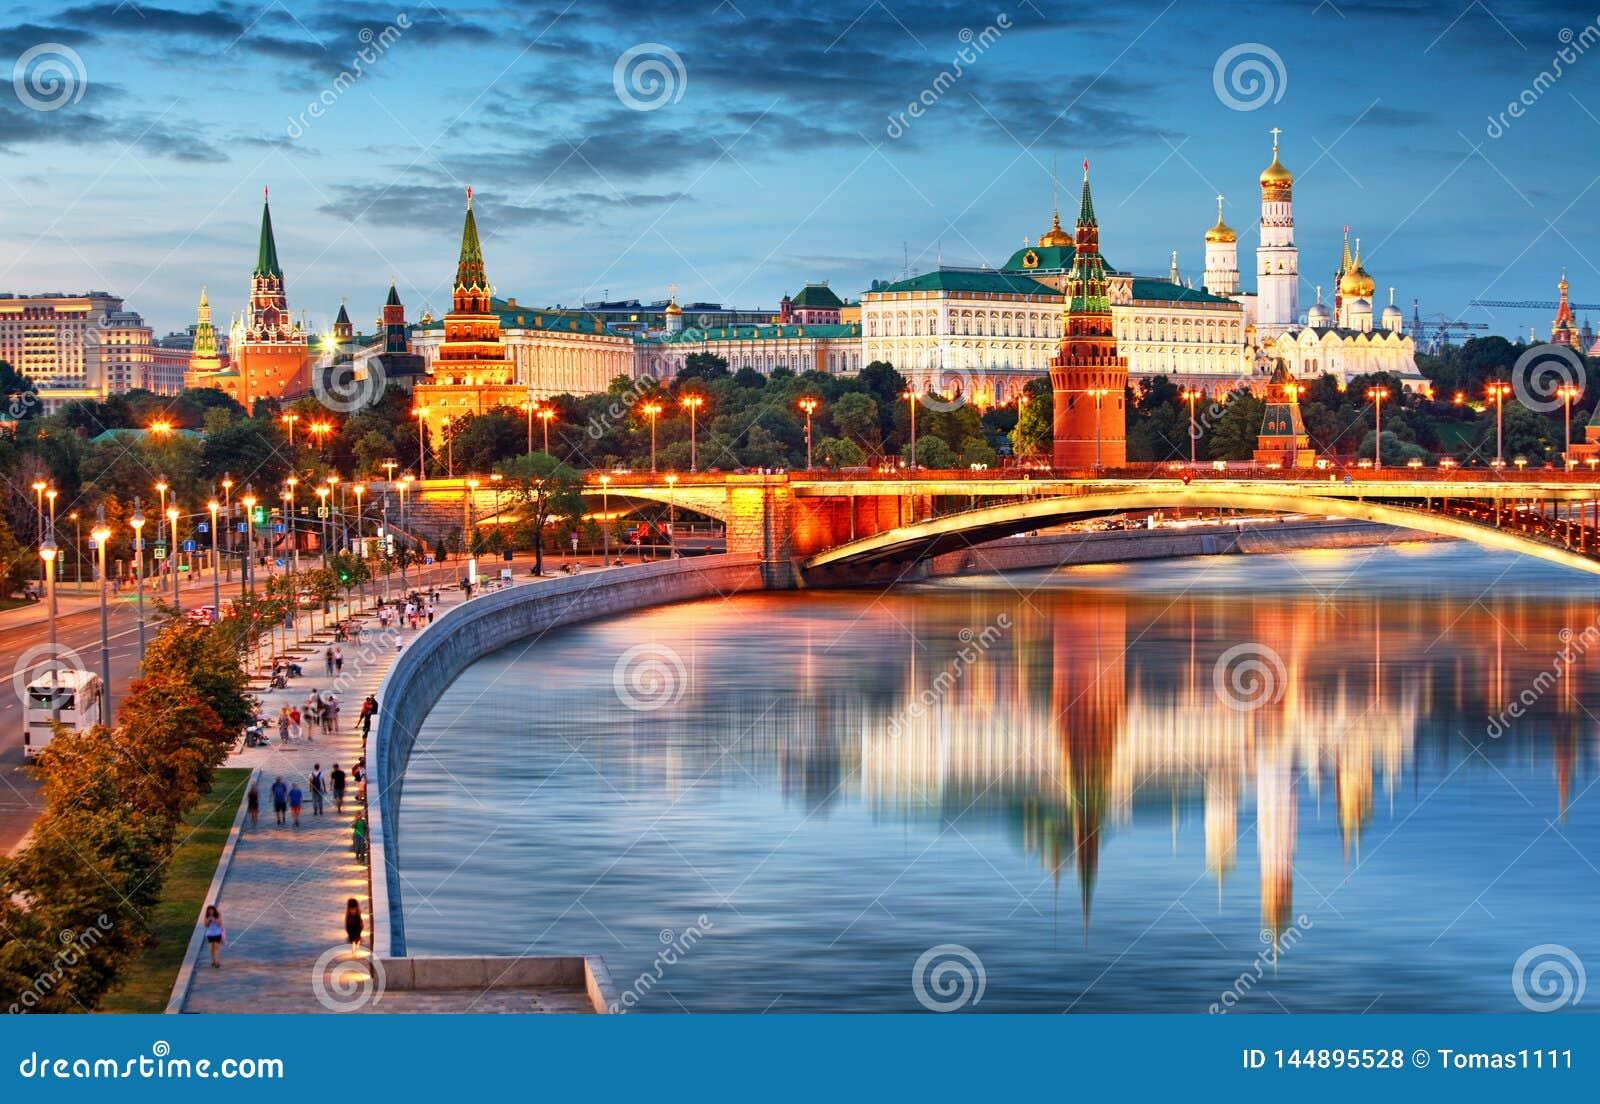 Moskou het Kremlin bij nacht, Rusland met rivier